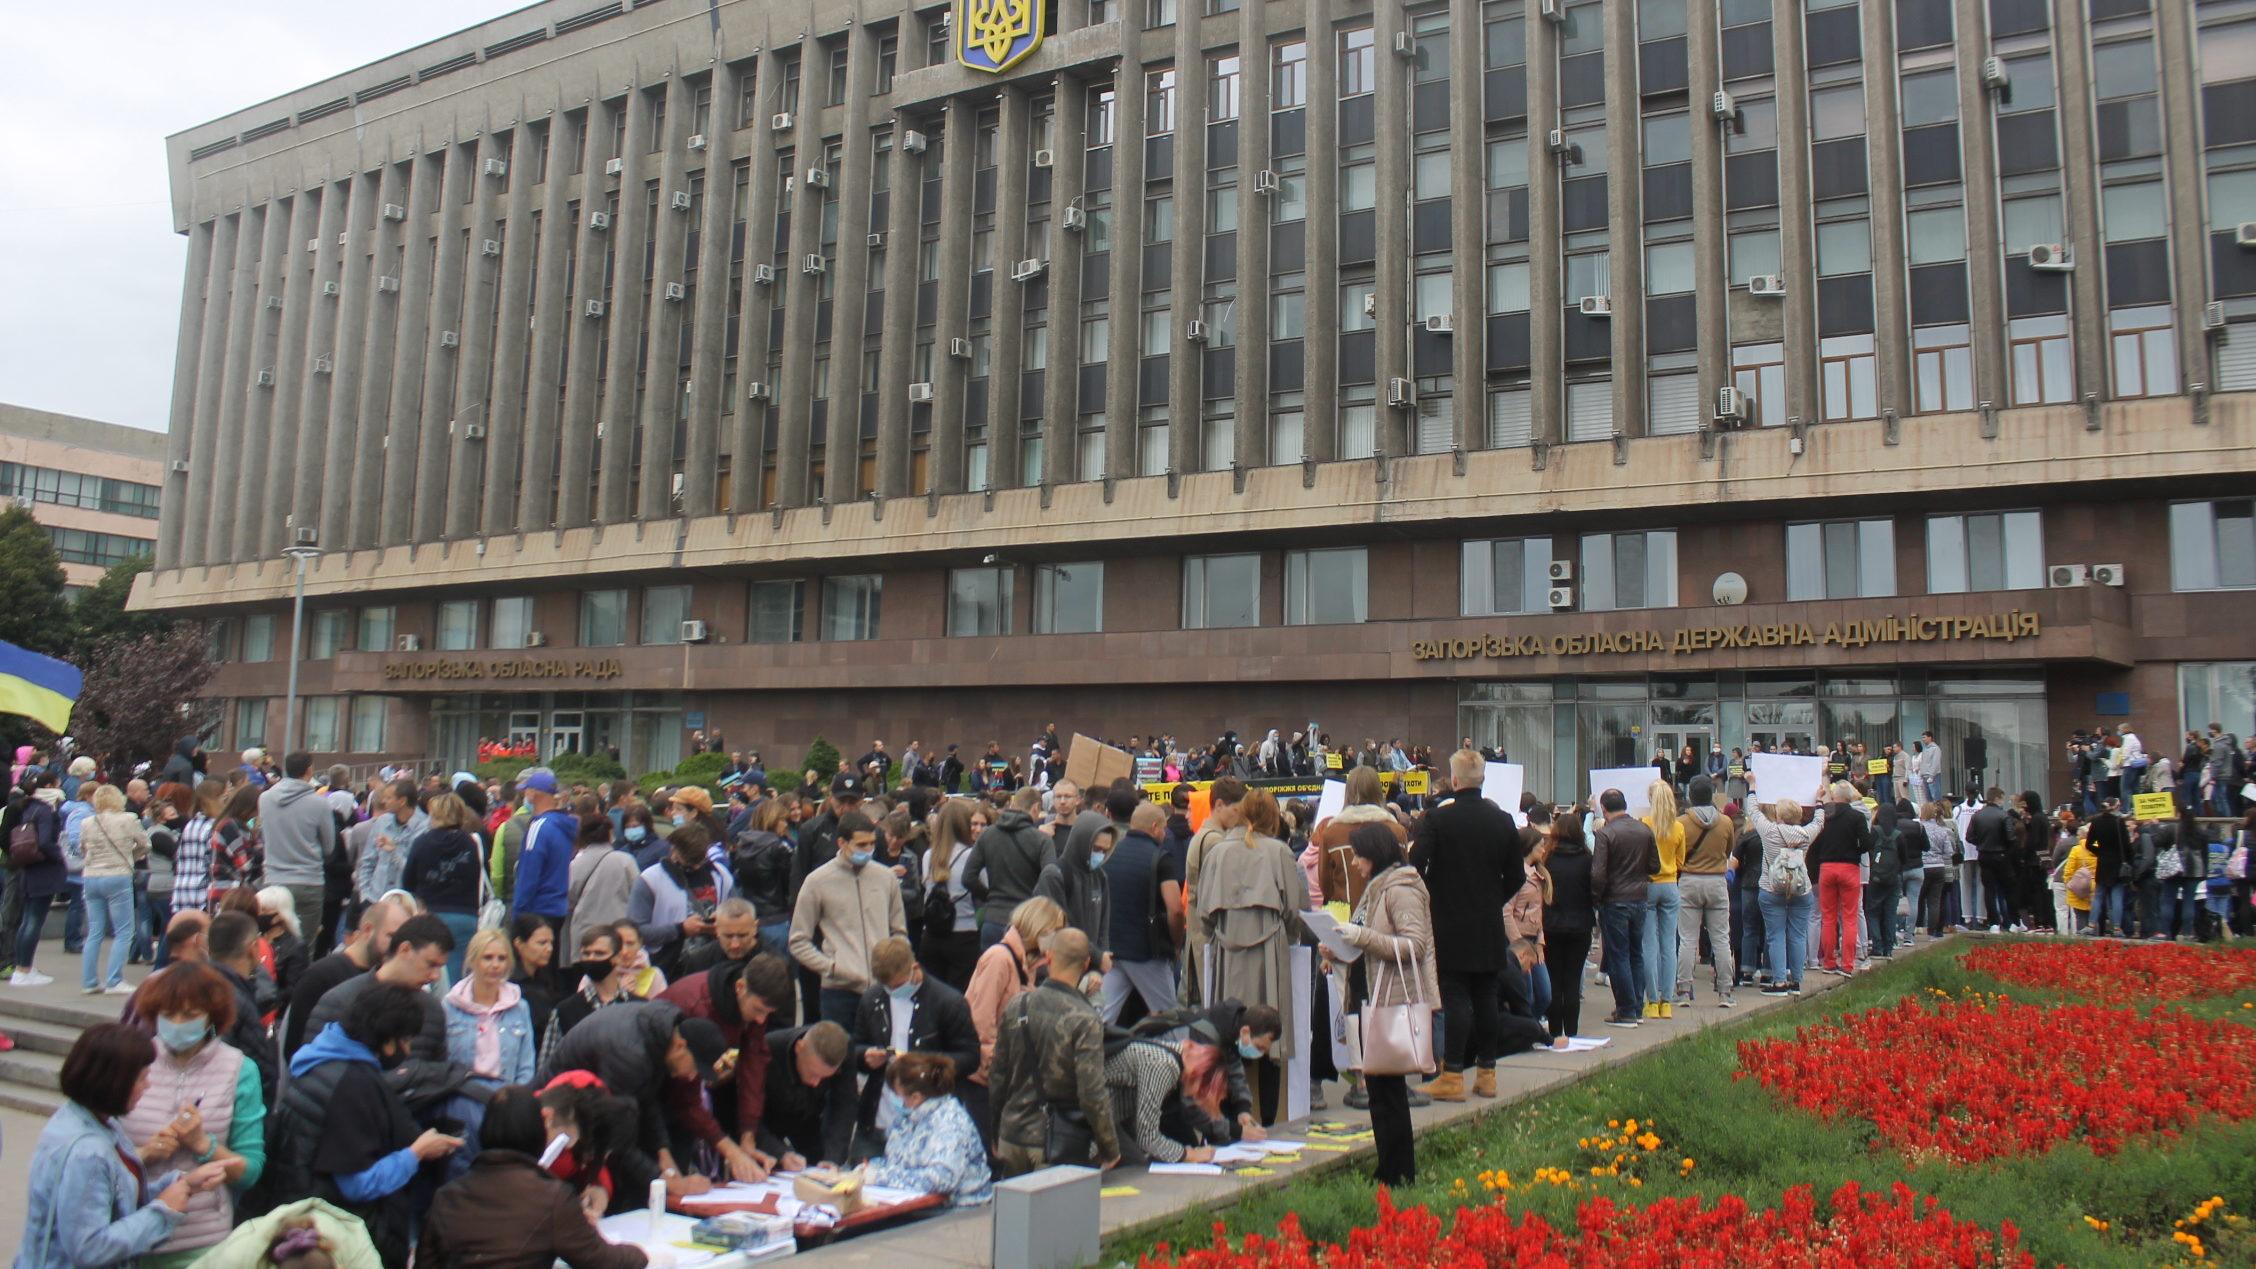 В центре Запорожья прошла акция в защиту окружающей среды, – ФОТОРЕПОРТАЖ